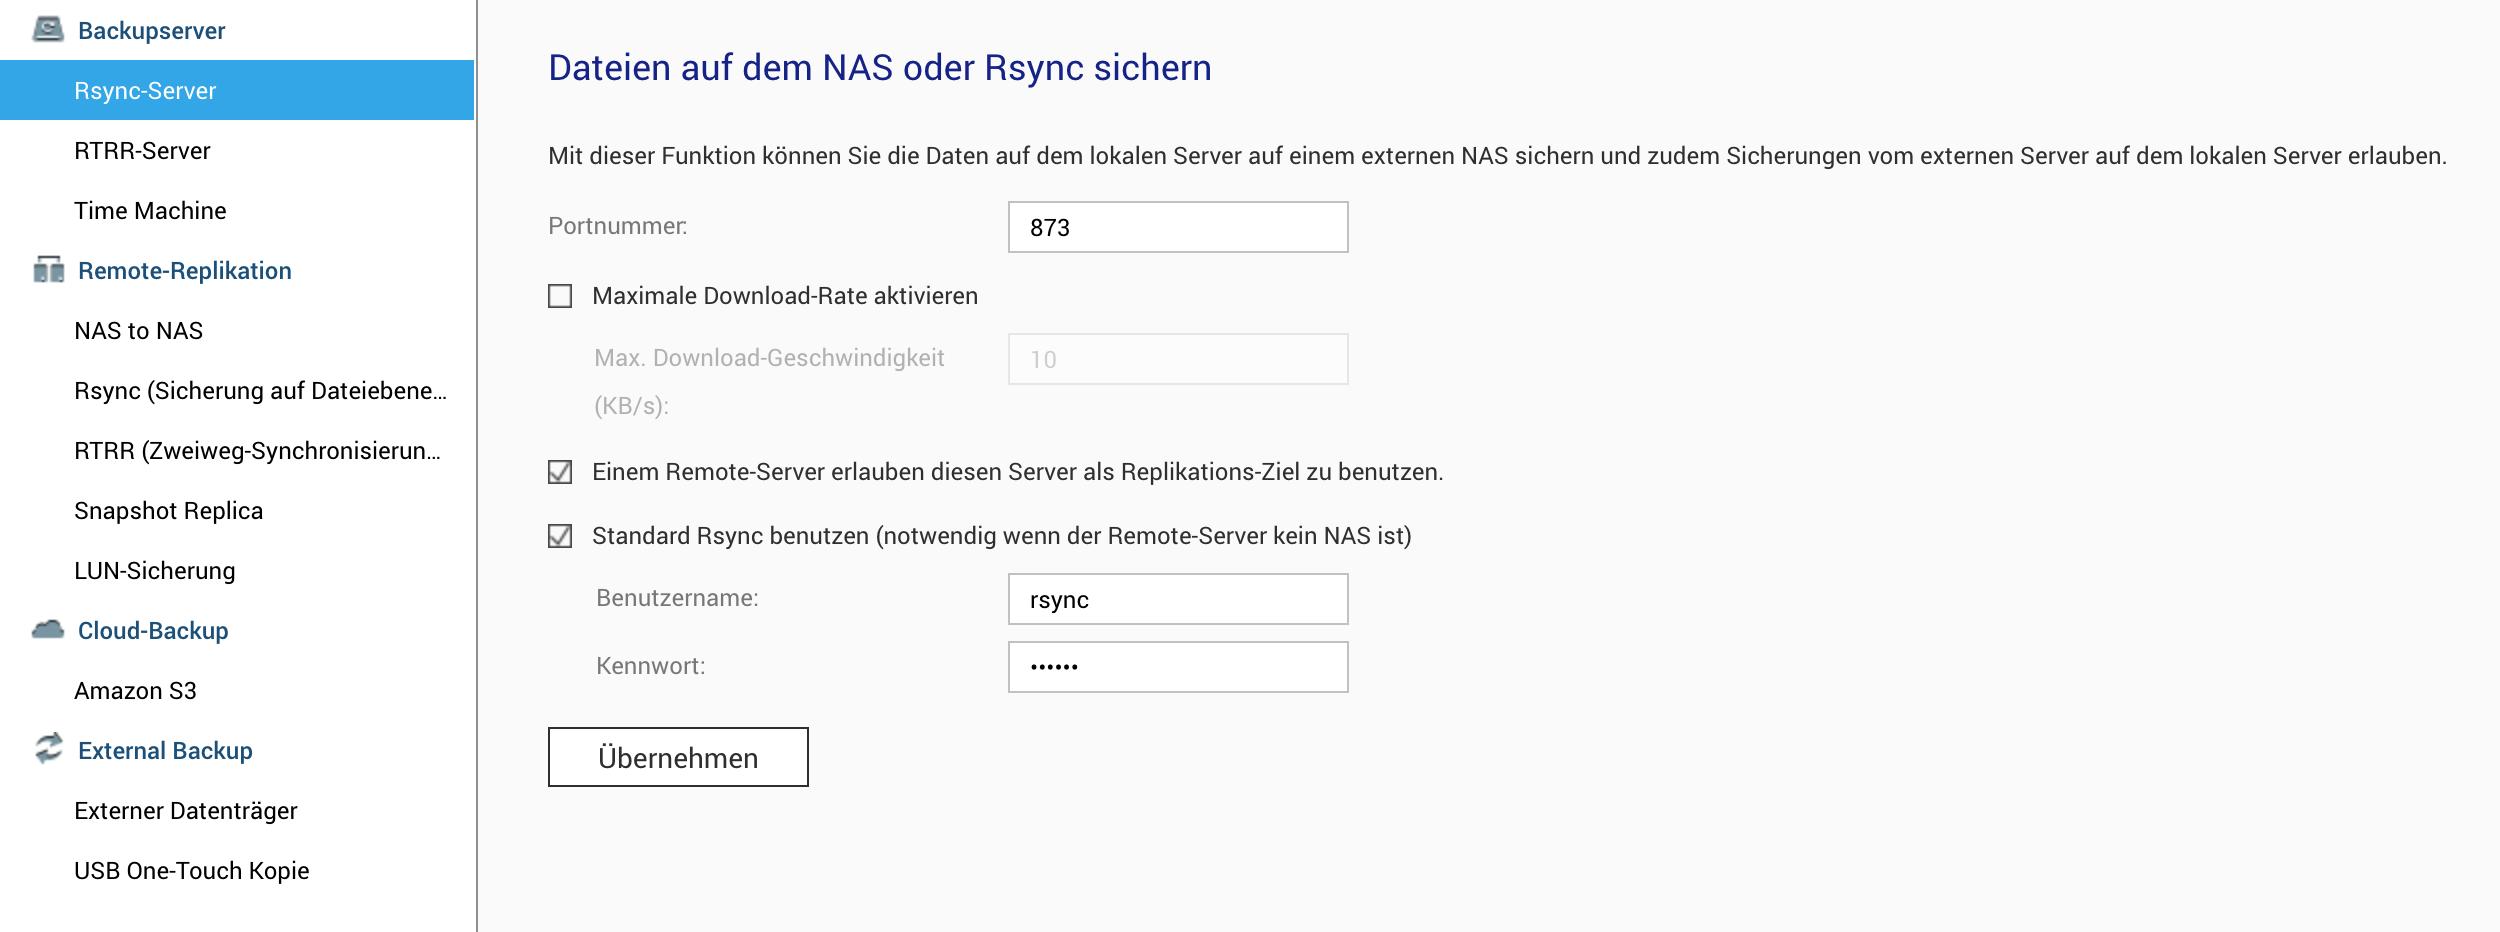 Backup per Rsync einrichten